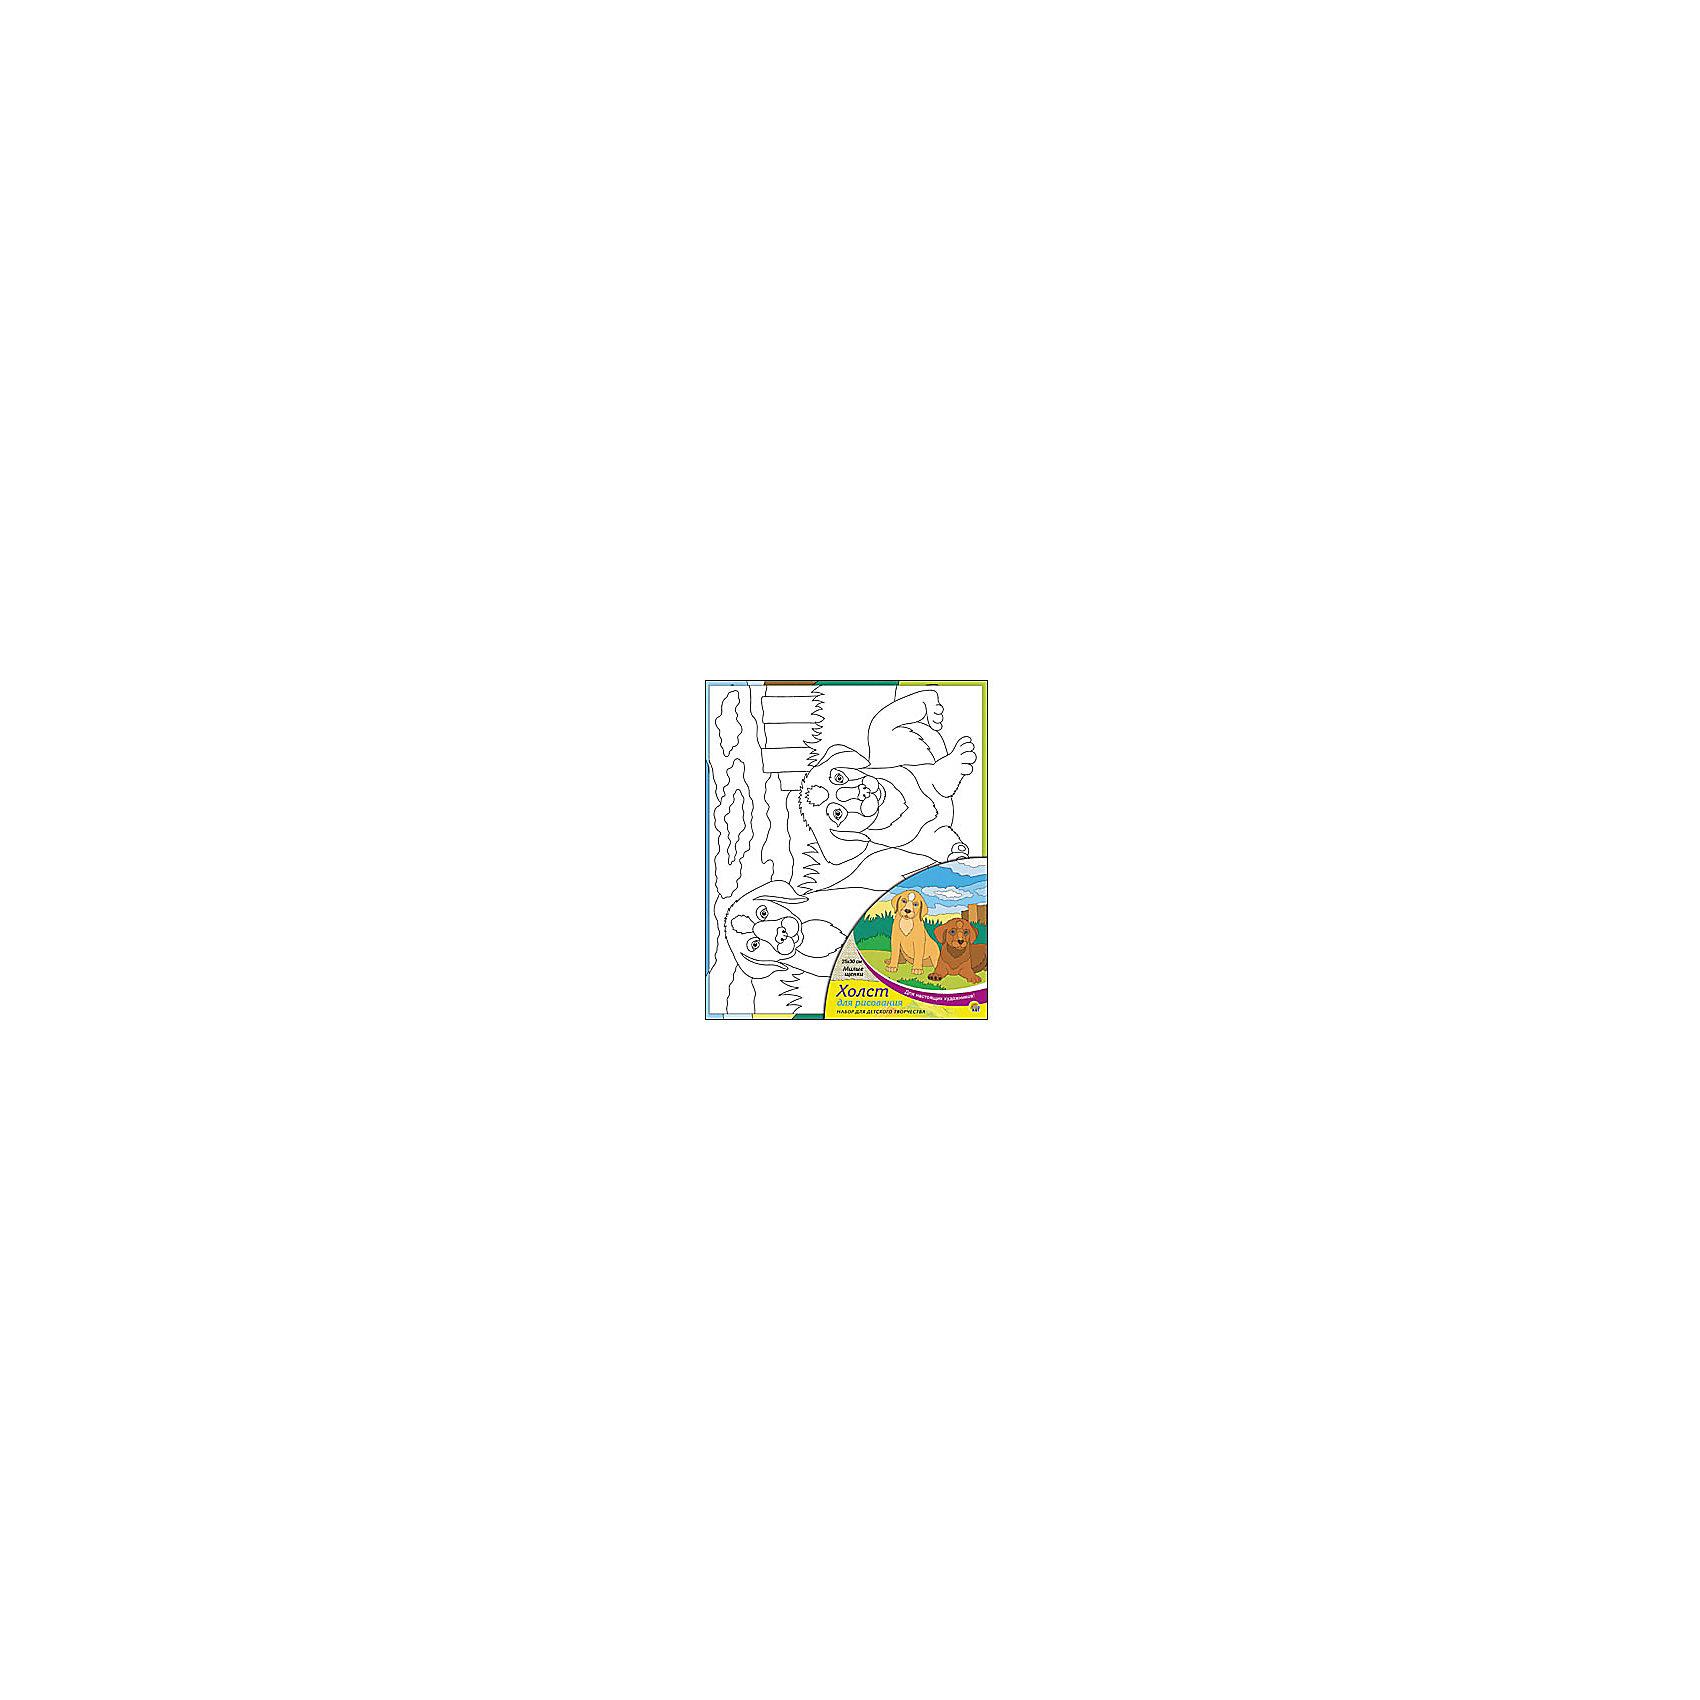 Холст с красками Милые щенки, 25х30 смХолст с красками Милые щенки поможет ребенку провести время с пользой и развить художественные навыки. Яркими красками он с удовольствием раскрасит эскиз на холсте и с гордостью сможет похвастаться родителям и друзьям!<br><br>Дополнительная информация:<br>В наборе: холст-эскиз, 7 акриловых красок, кисточка<br>Размер: 25х1,5х30 см<br>Вес: 250 грамм<br>Вы можете приобрести холст с красками Милые щенки в нашем интернет-магазине.<br><br>Ширина мм: 300<br>Глубина мм: 15<br>Высота мм: 250<br>Вес г: 250<br>Возраст от месяцев: 36<br>Возраст до месяцев: 120<br>Пол: Унисекс<br>Возраст: Детский<br>SKU: 4939541